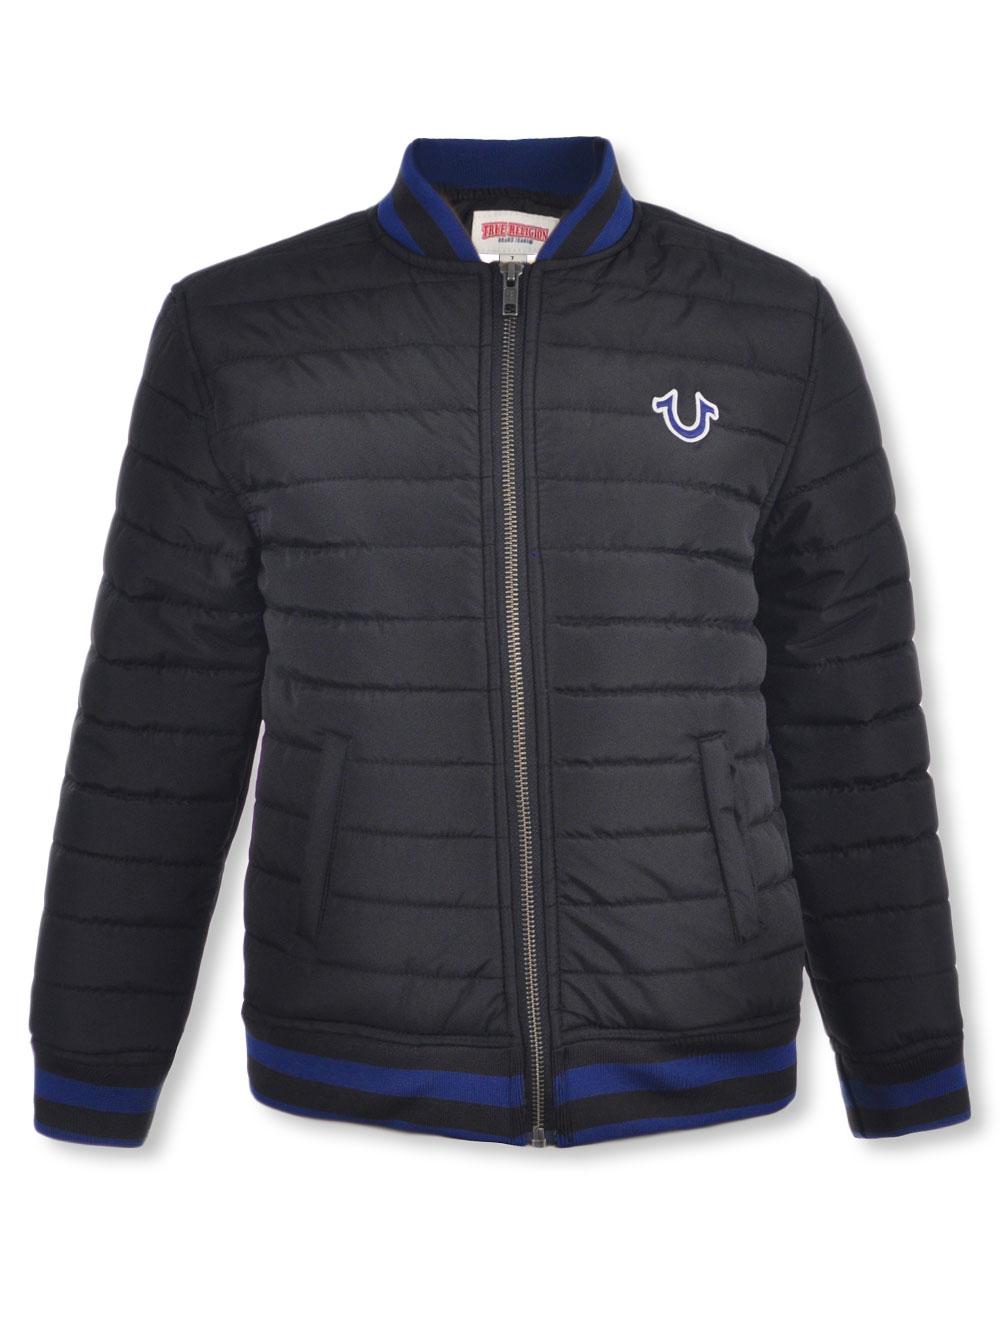 21299706bdfa3 True Religion Boys' Flight Jacket